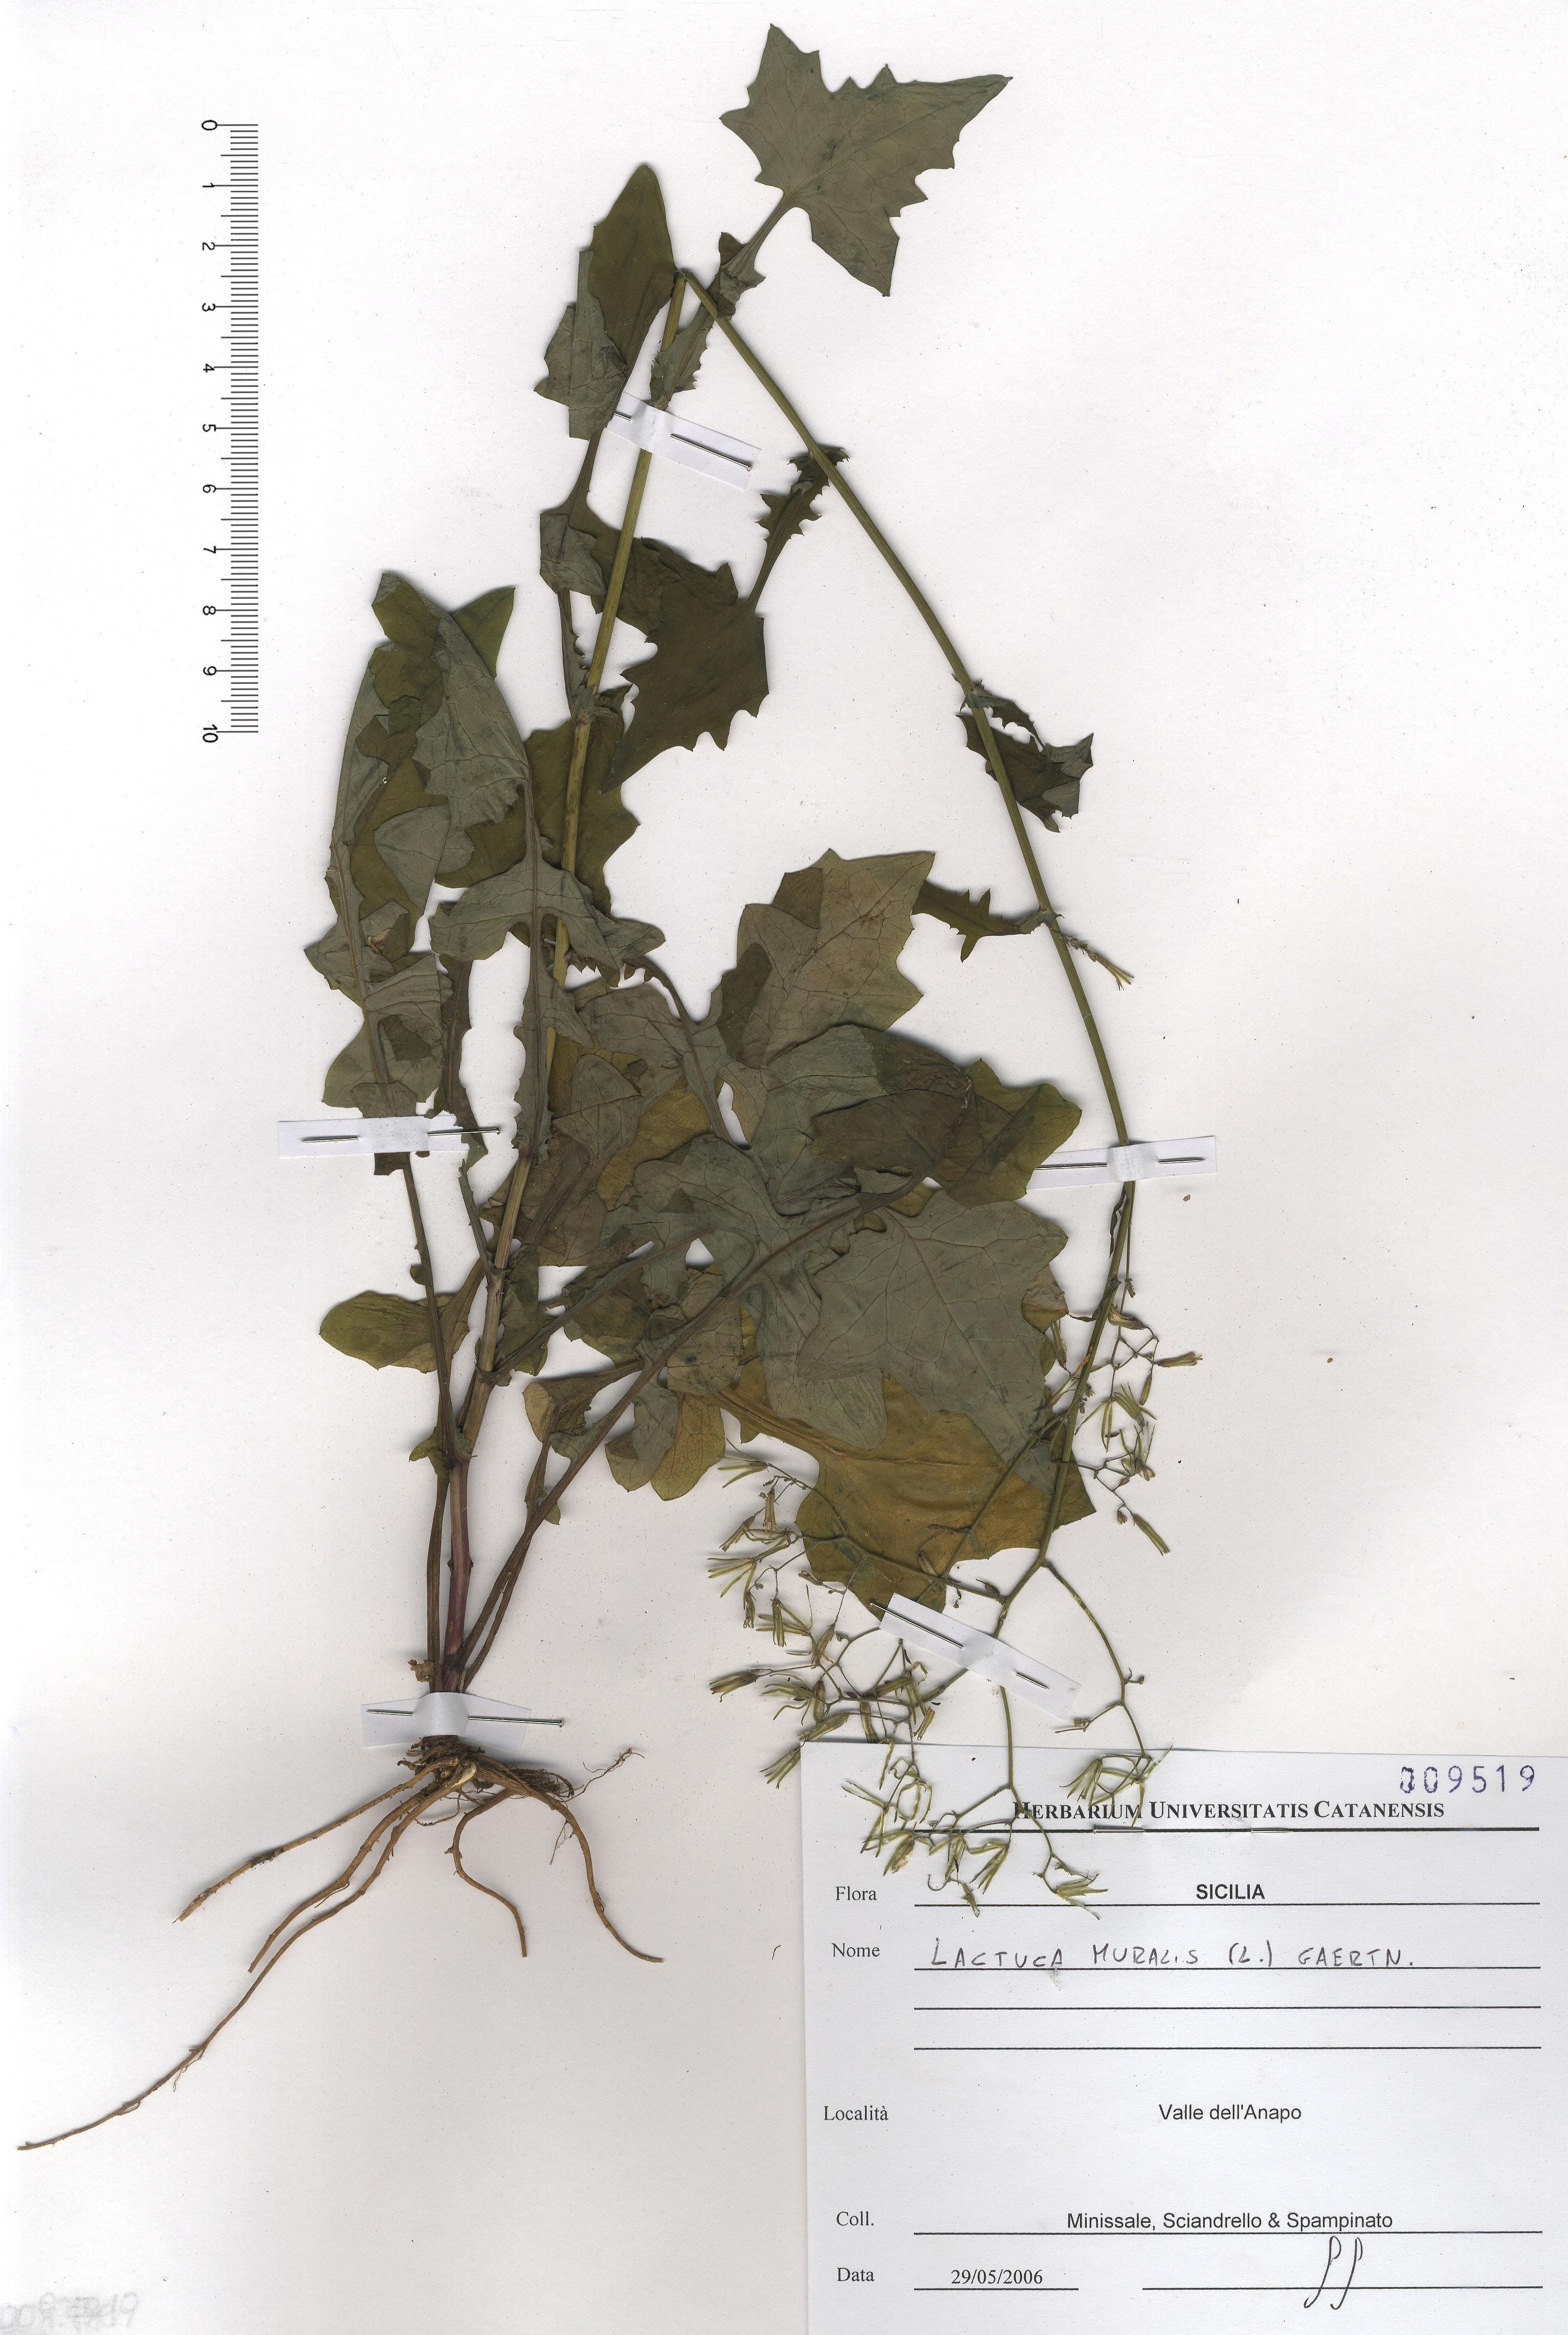 © Hortus Botanicus Catinensis - Herb. sheet 009519<br>